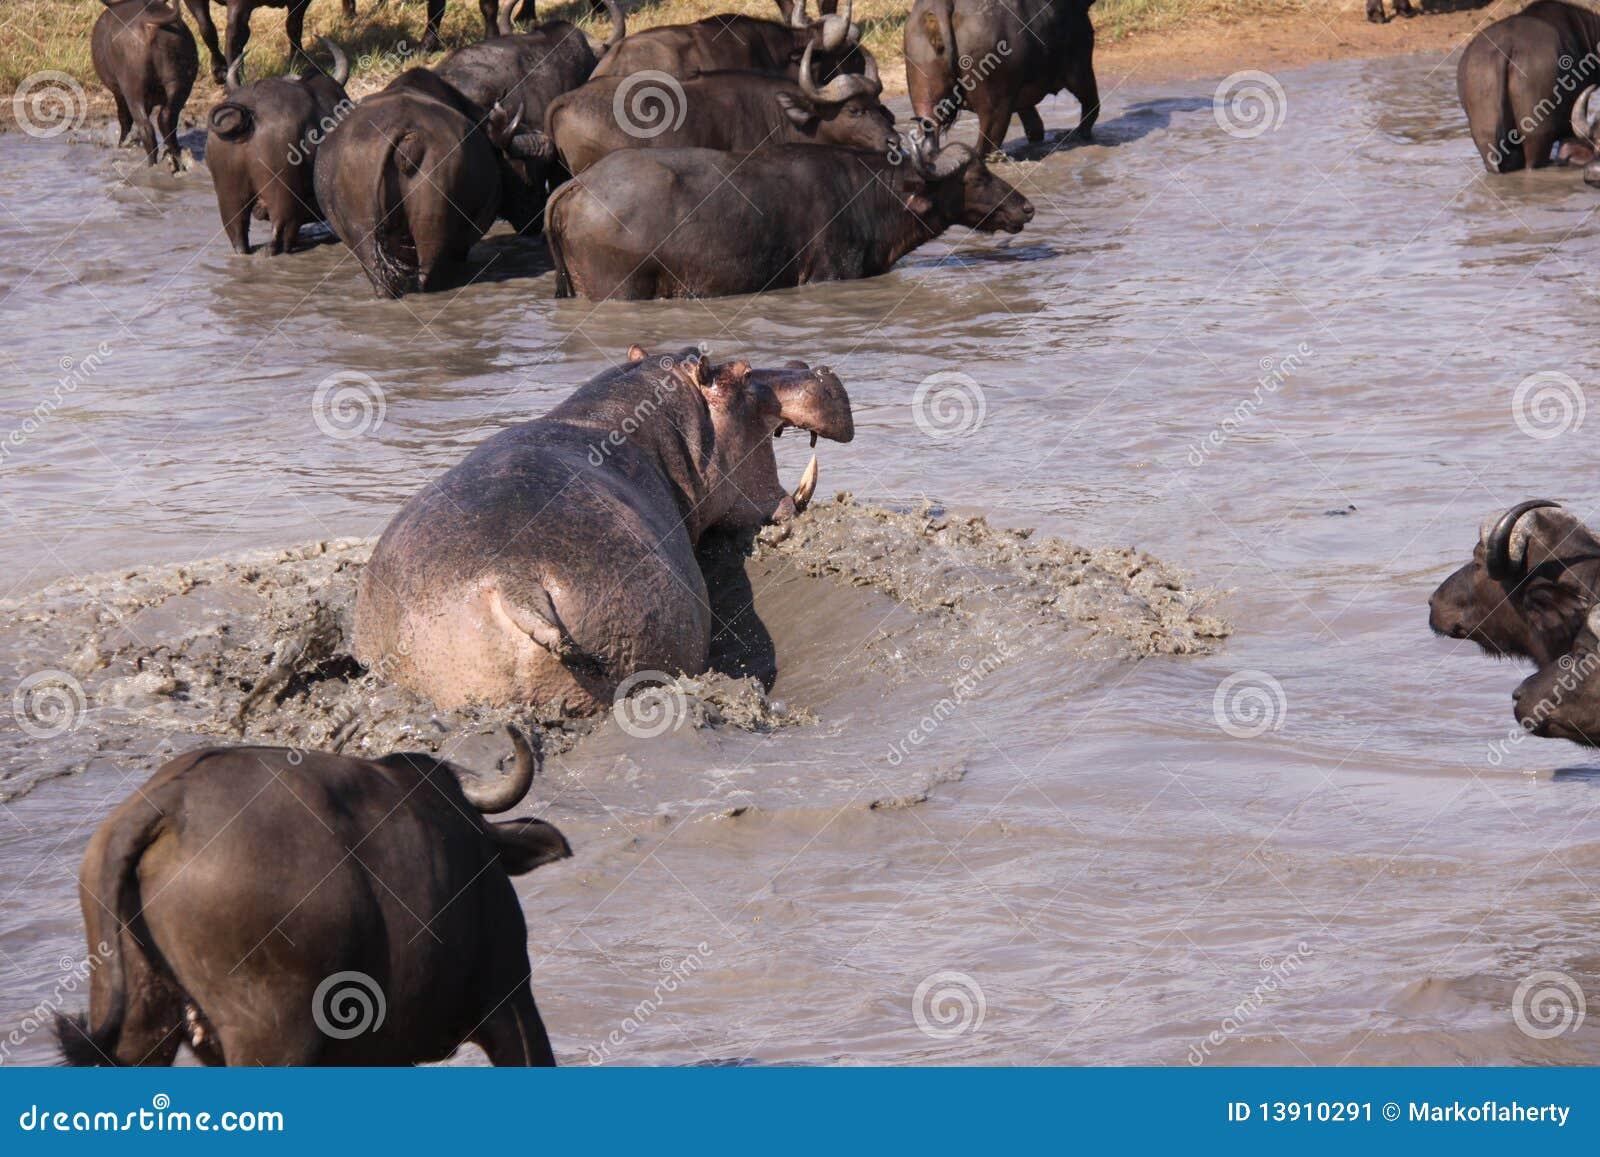 Ippopotamo aggressivo che insegue il bufalo di capo